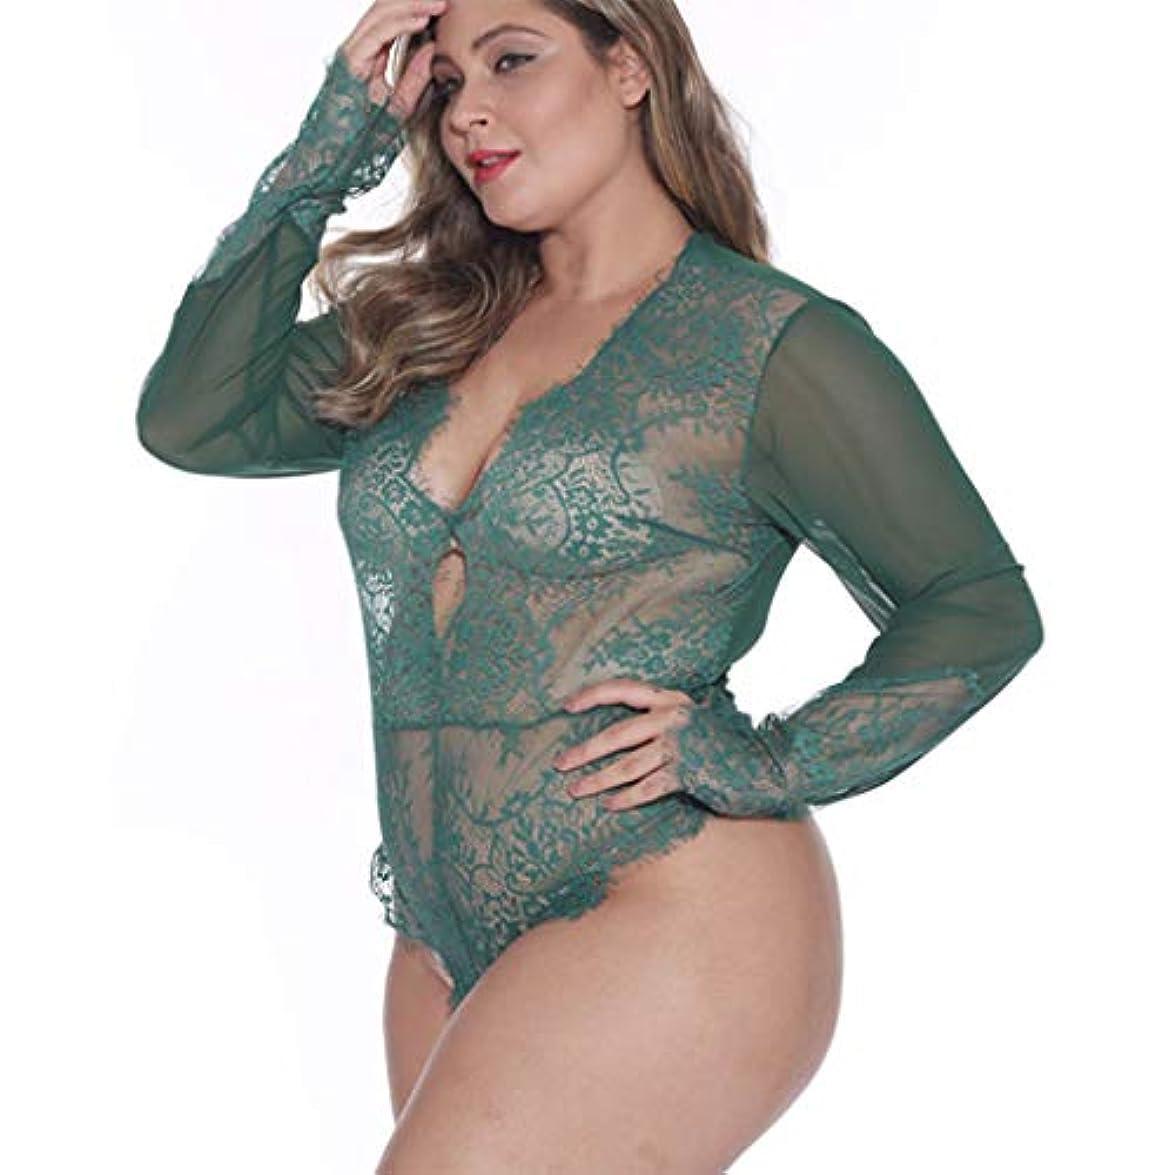 挑む魔女前売下着を形作るセクシーな楽しい体かわいい 過激 透け キャミソール 情趣 女性 エロ下着 アンダーウェア ビキニ 全身 レース 軽量シースルー スリム 福袋